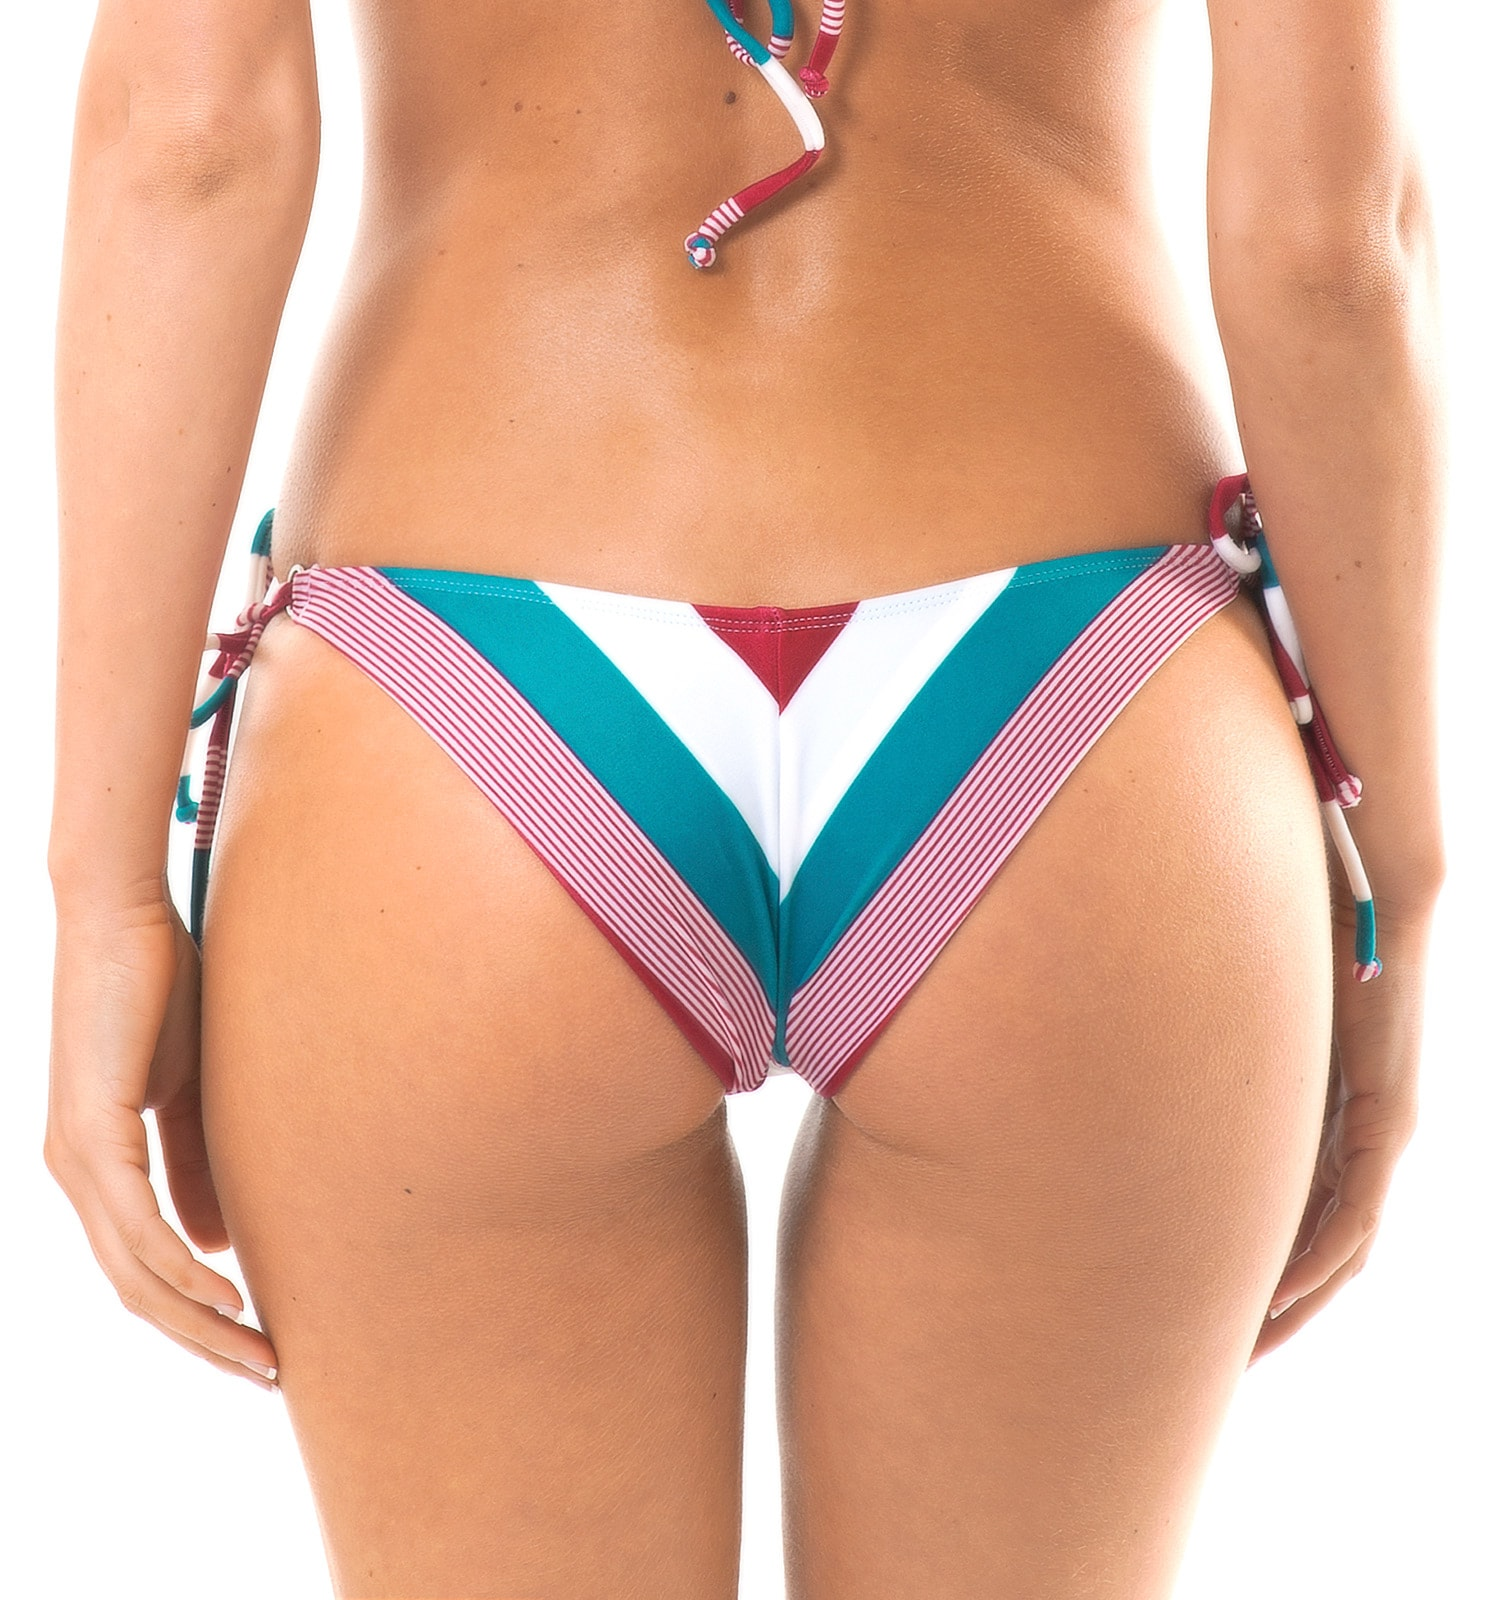 bikini bottom com